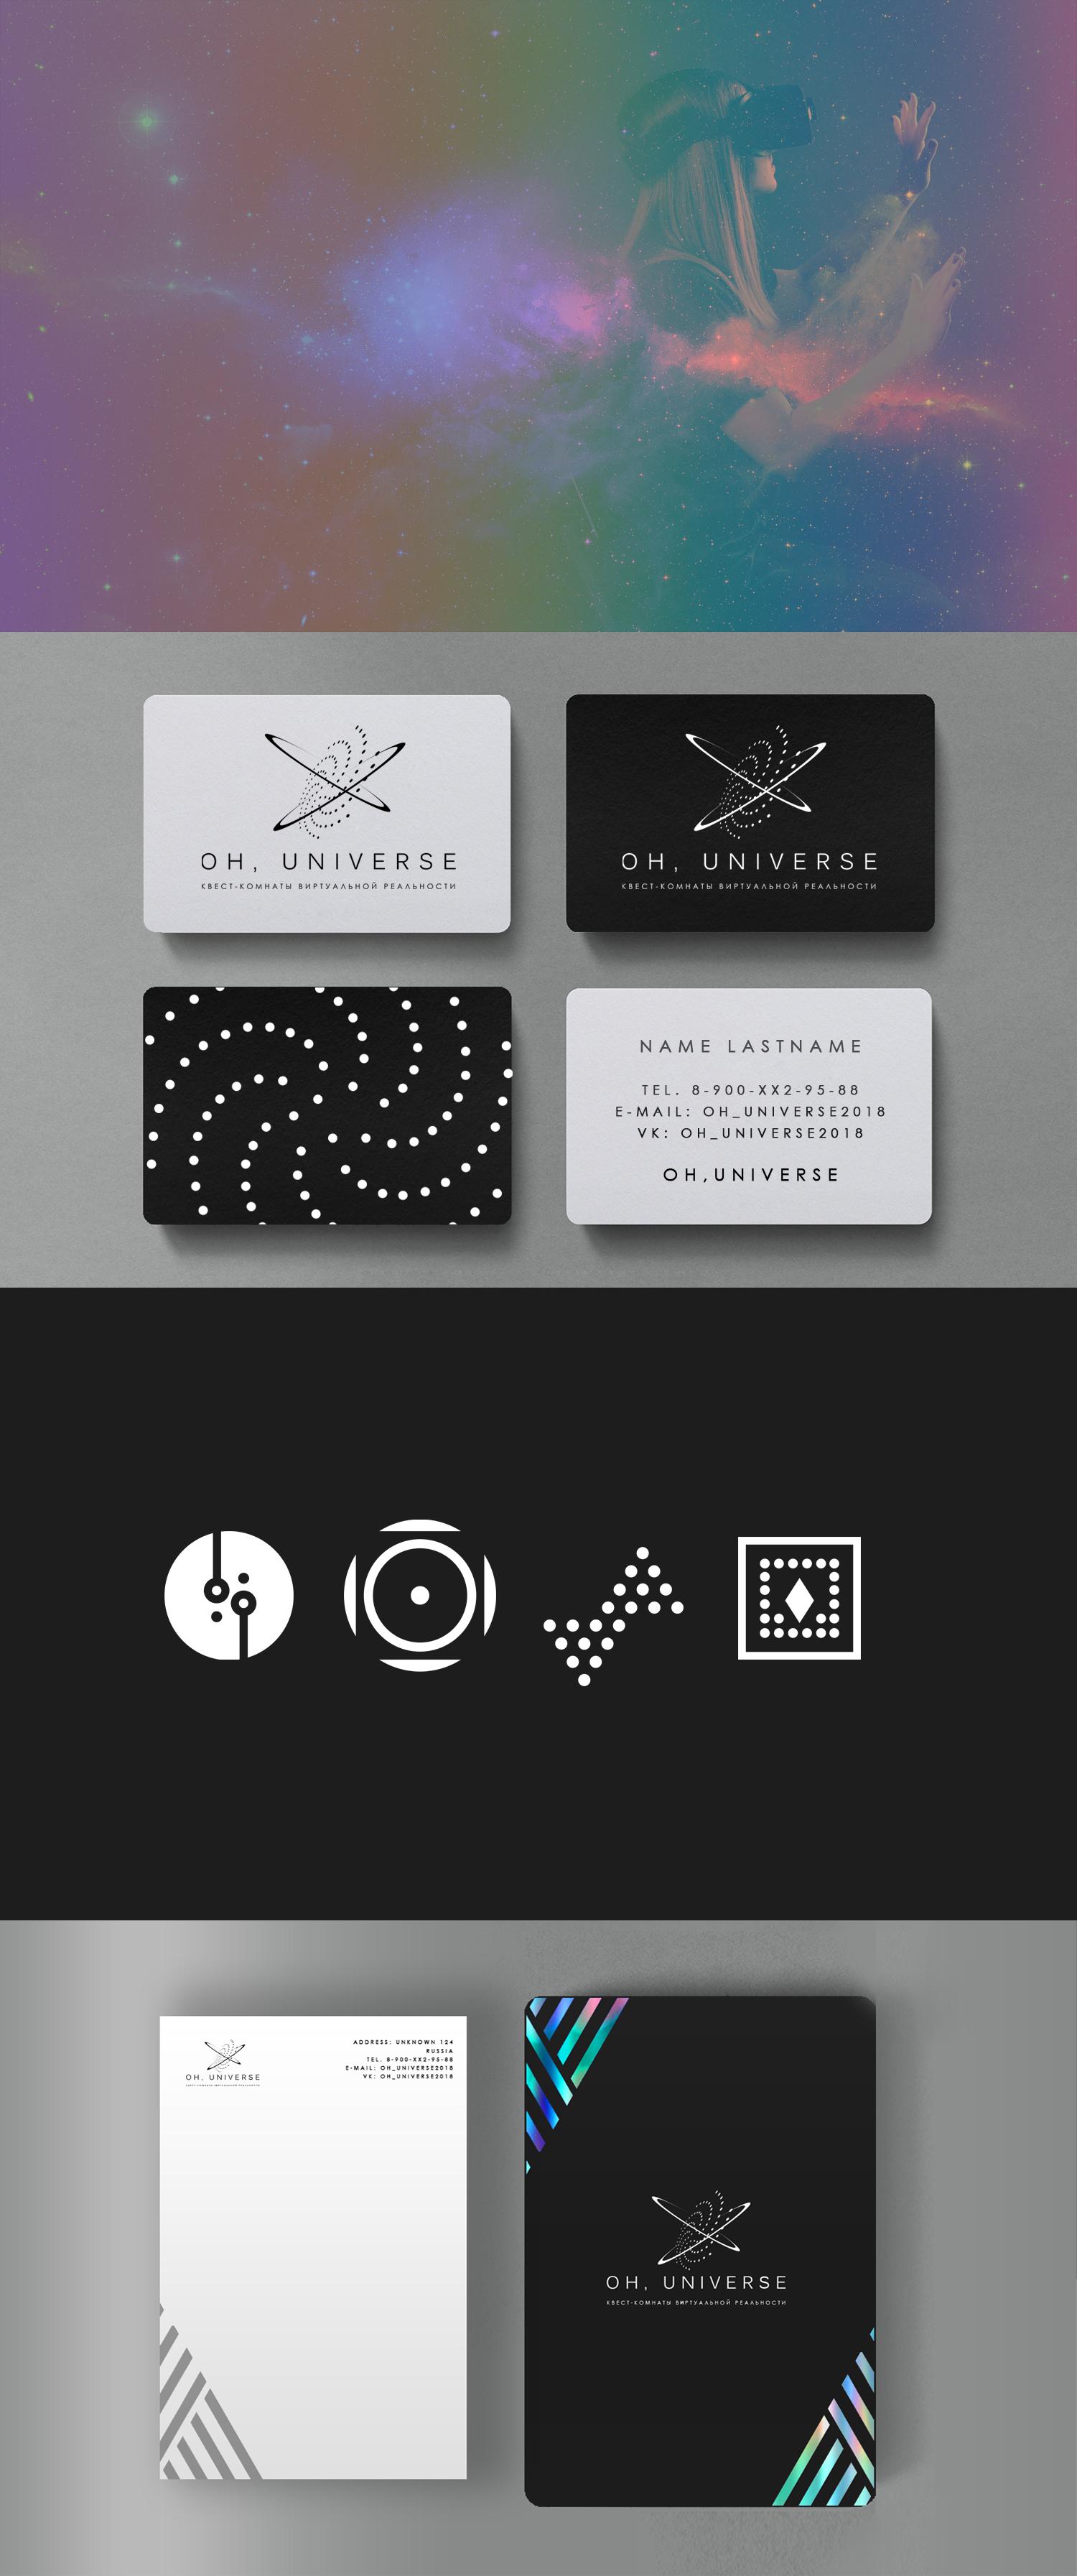 Разработка лого, фирменного стиля фото f_0485ad1b74e5655c.jpg